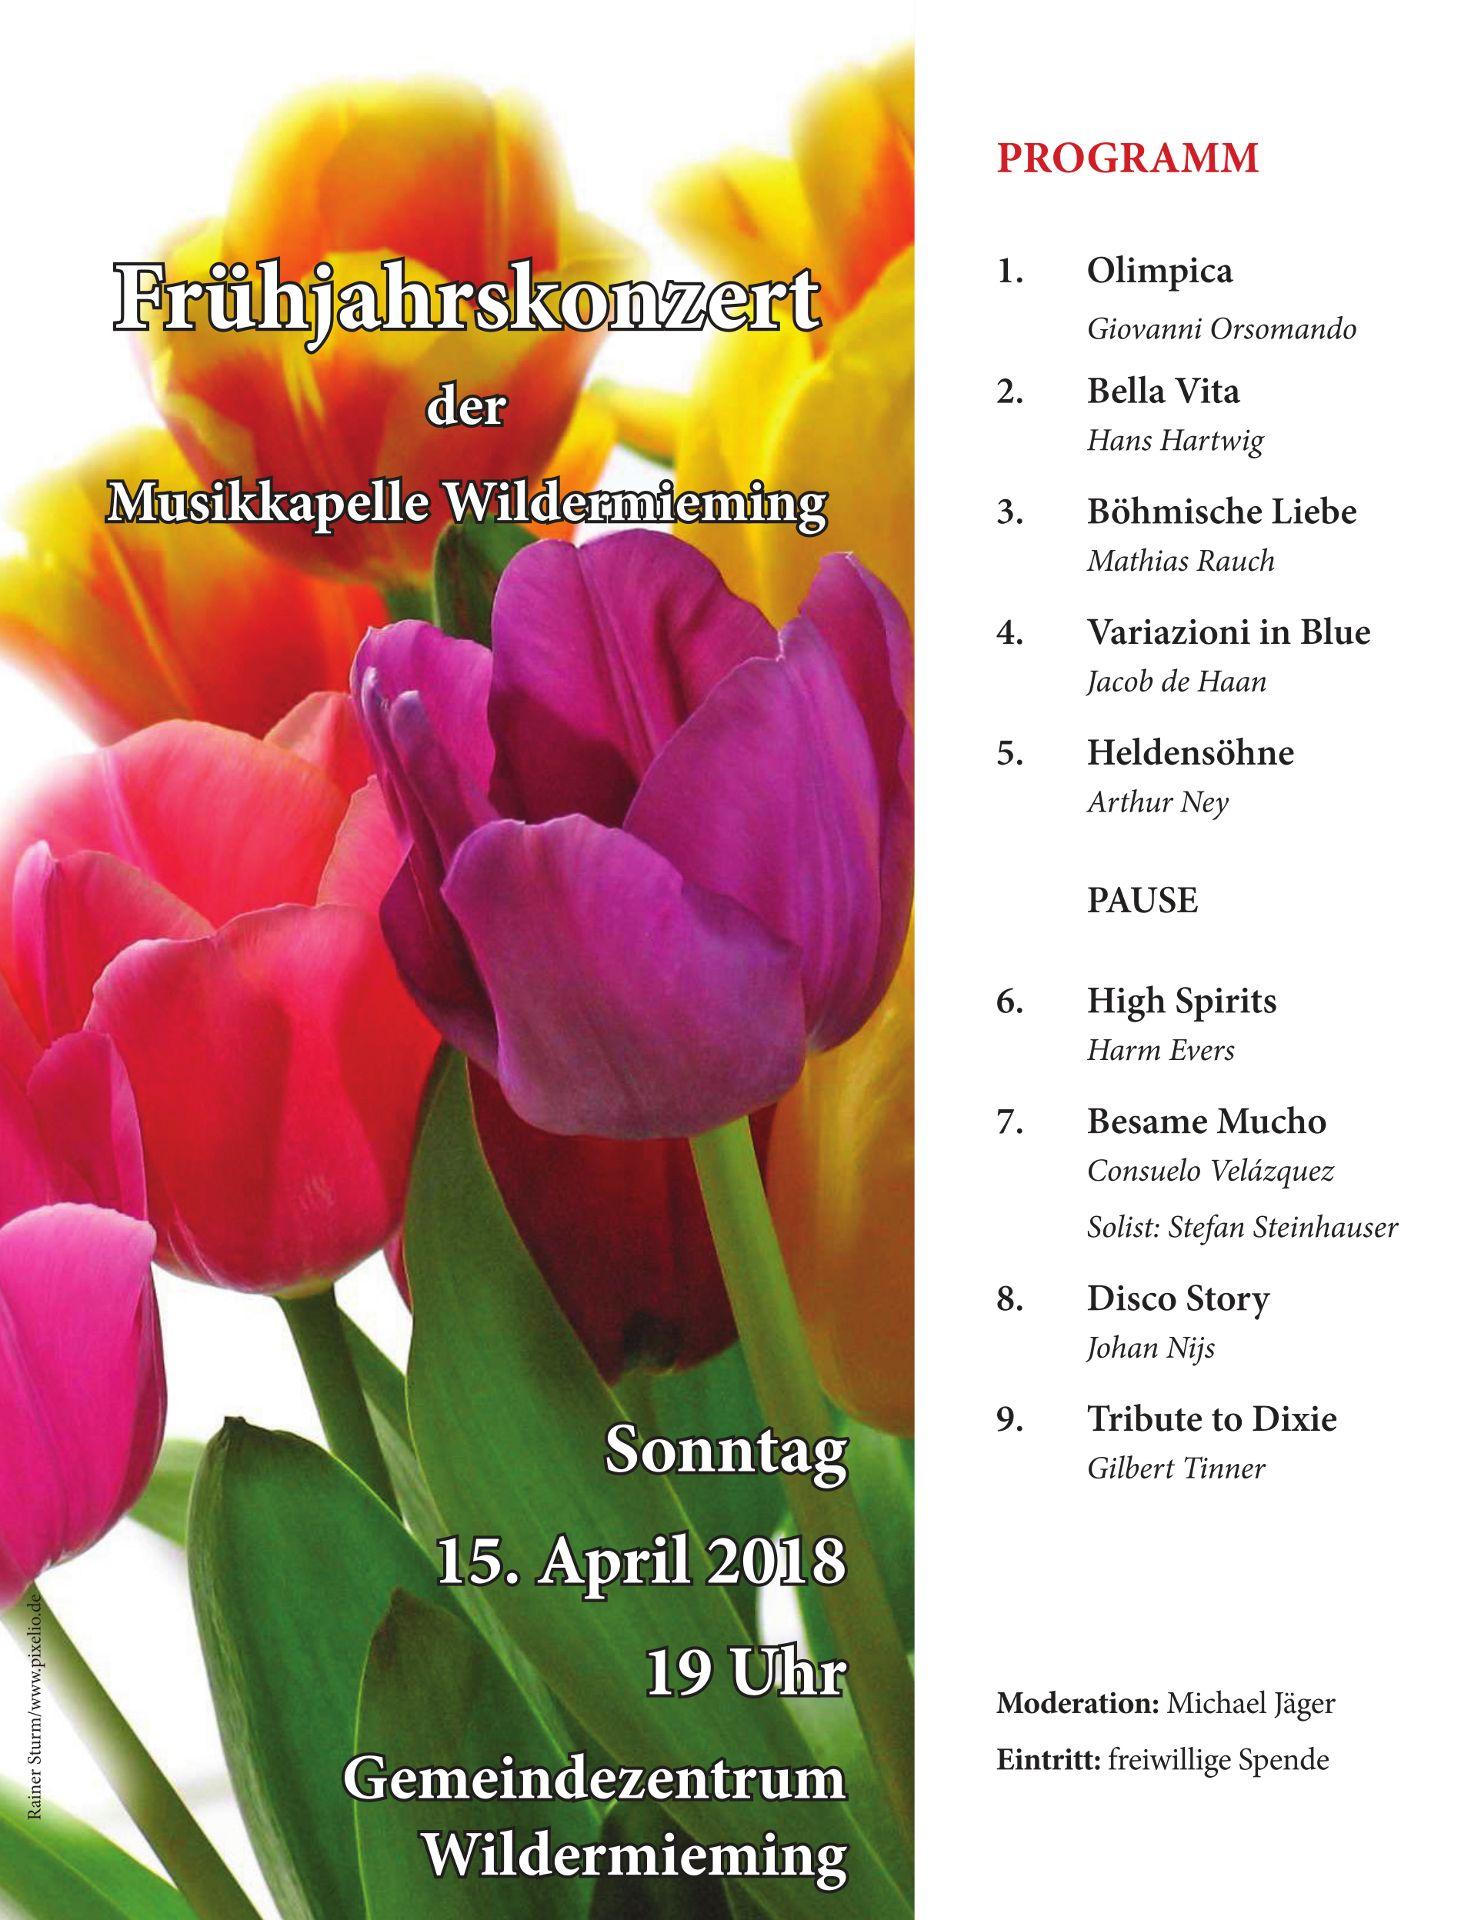 Programm Frühjahrskonzert 2018